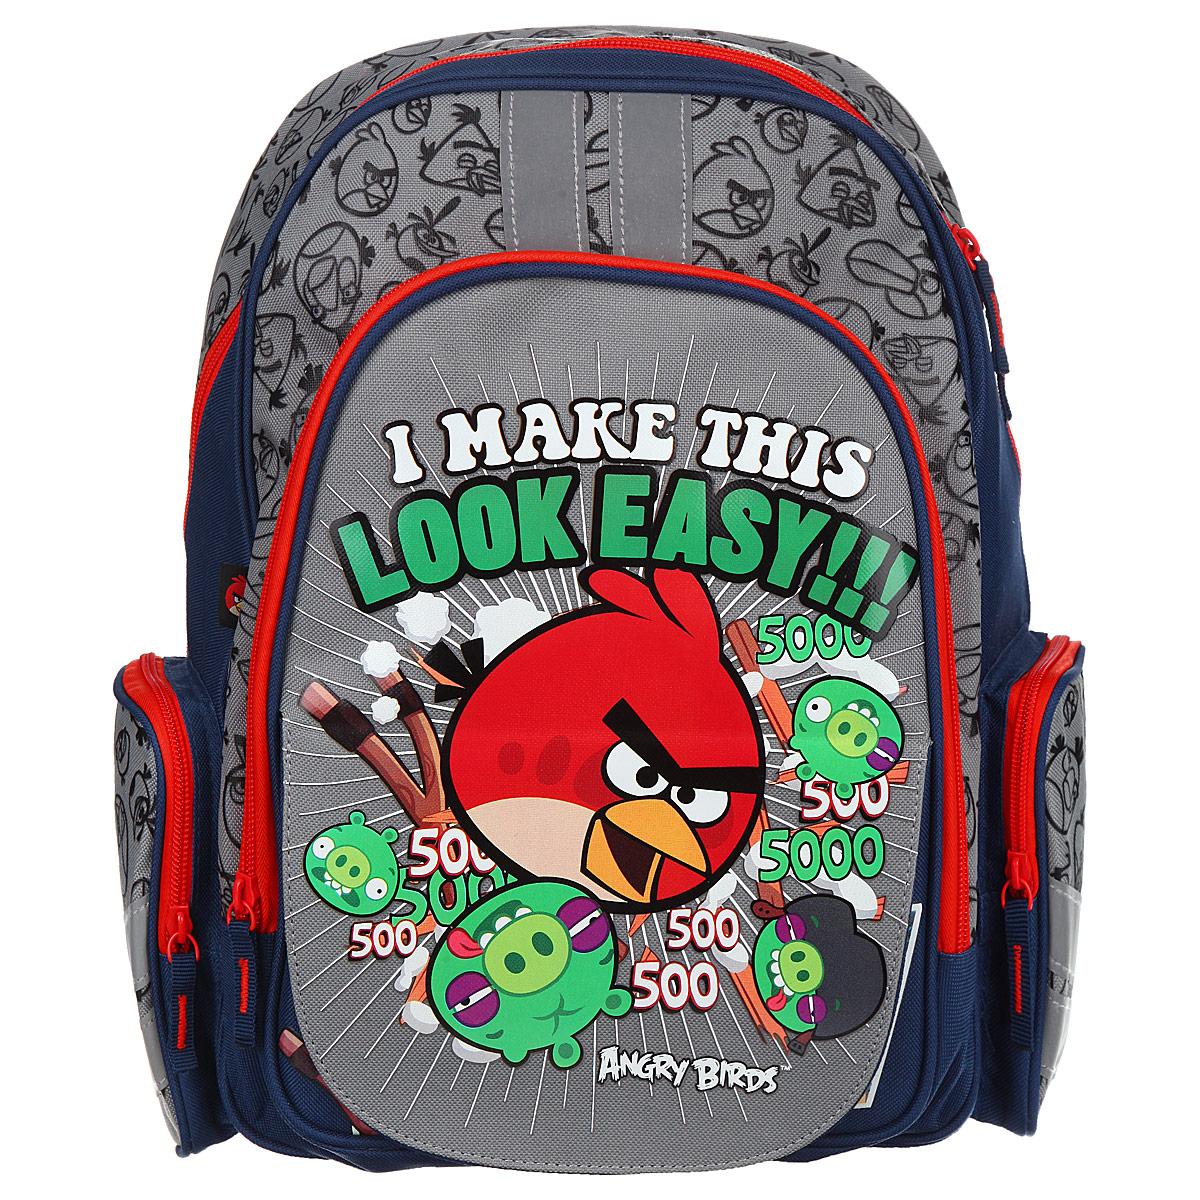 Рюкзак детский Академия Групп Angry Birds, цвет: серый, синий, красный. ABBB-UT1-836MABBB-UT1-836MРюкзак детский Академия Групп Angry Birds выполнен из высококачественного полиэстера. Имеет одно объемное основное отделение на застежке-молнии. Основное отделение содержит три небольших накладных кармана, два открытых, один на молнии. Снаружи располагается внешний карман с изображением героев популярной игры Angry Birds. Перекидная магнитная панель позволяет легко менять внешний вид рюкзака. По бокам рюкзака имеются два сетчатых кармана на молнии. Множество карманов повышает функциональность рюкзака и позволяет использовать его не только для учебы, но и для занятий спортом, поездок за город. Широкие мягкие регулируемые лямки и мягкая спинка анатомической формы предохранят плечи и спину ребенка от перенапряжения. Рюкзак имеет текстильную ручку с резиновым хватом для удобства переноски.